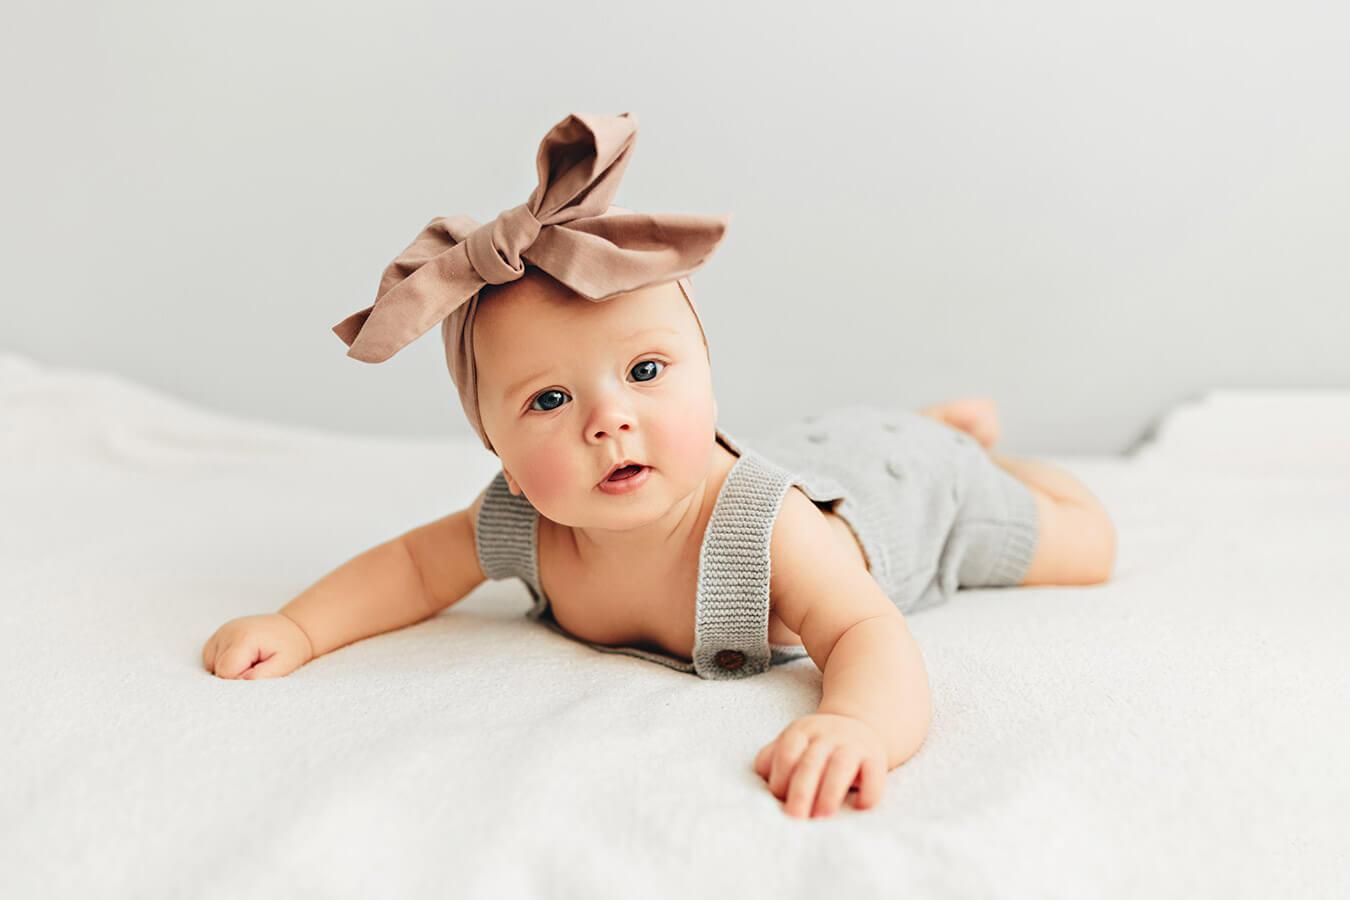 12 tygodniowe niemowlę – Jak wygląda 12 tydzień życia dziecka?